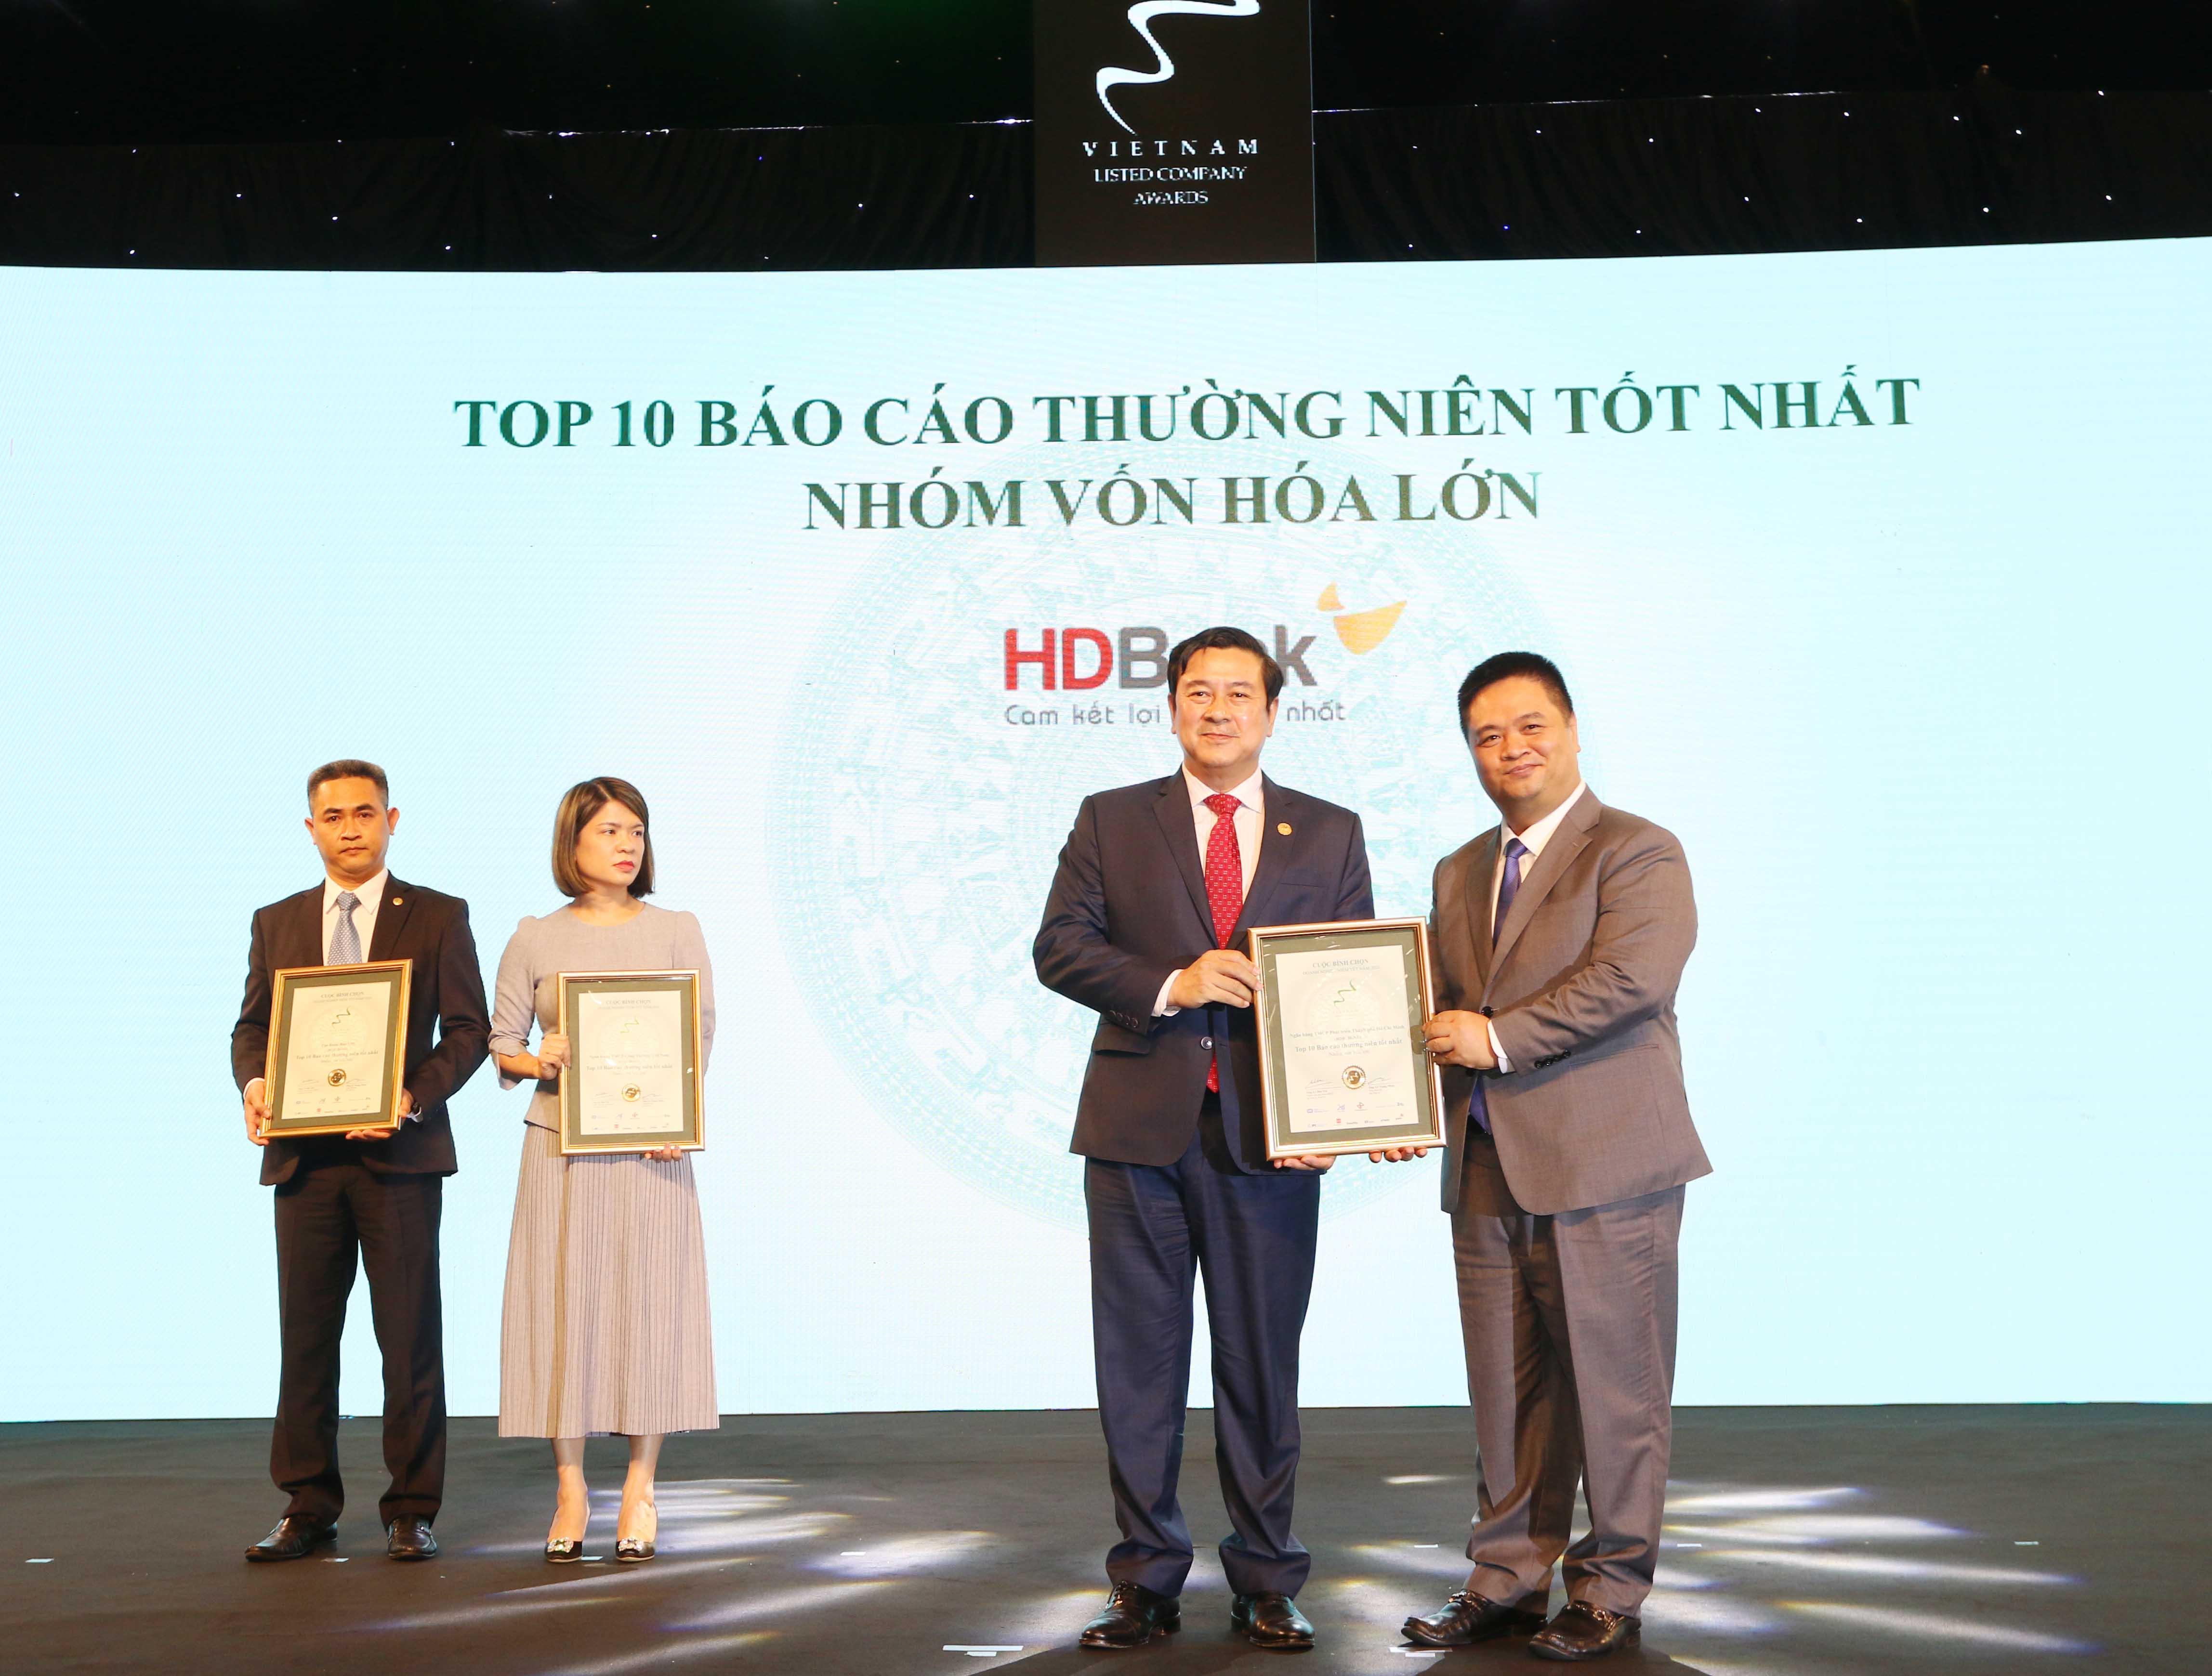 https://www.aravietnam.vn/wp-content/uploads/2020/12/29_Dại-diện-HDB-nhận-TOP-10-DNNY-nhóm-vốn-hóa-lớn-có-BCTN-tốt-nhất.jpg